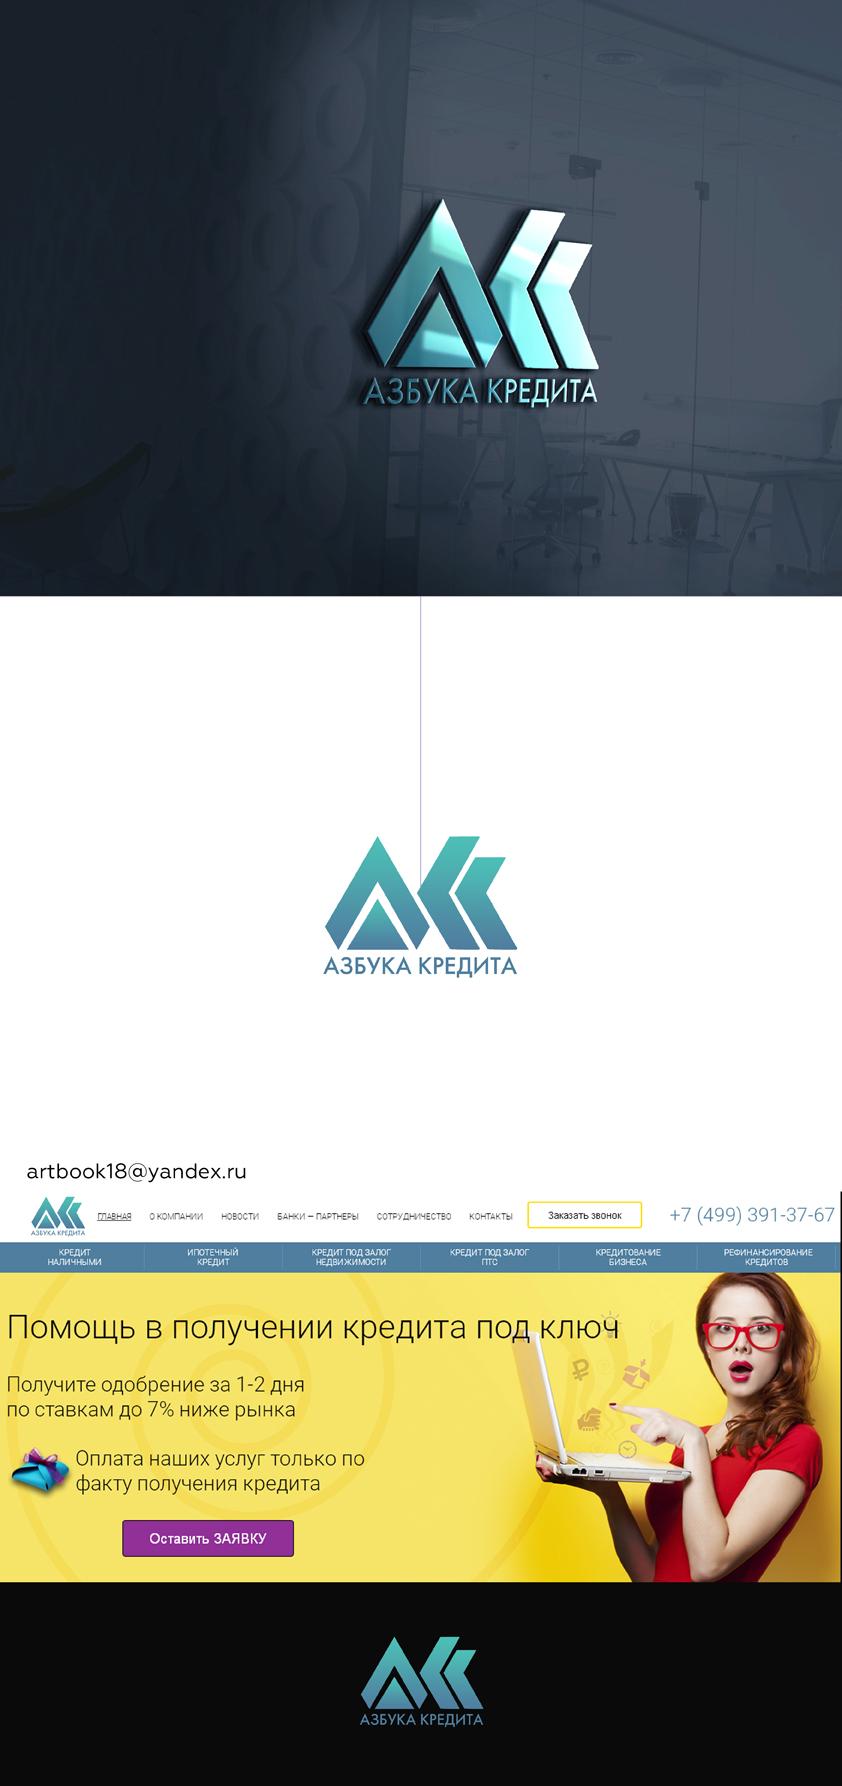 Разработать логотип для финансовой компании фото f_2205df23c0172389.jpg